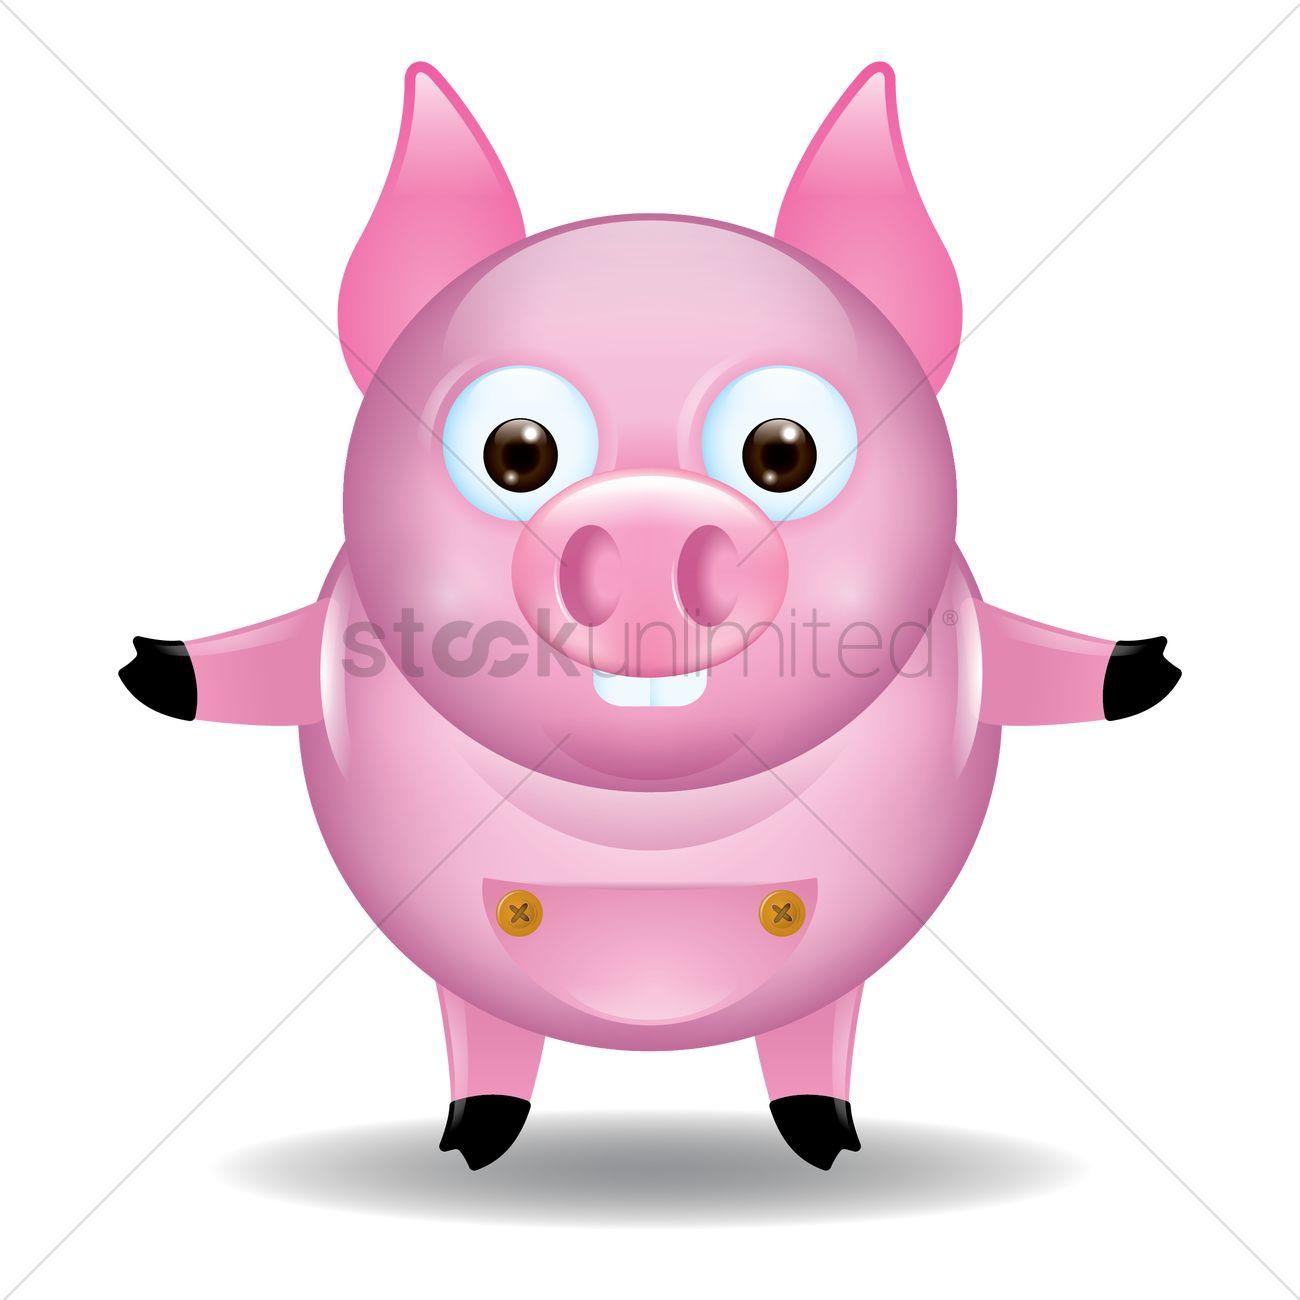 1300x1300 Free Cute Pig Cartoon Vector Image